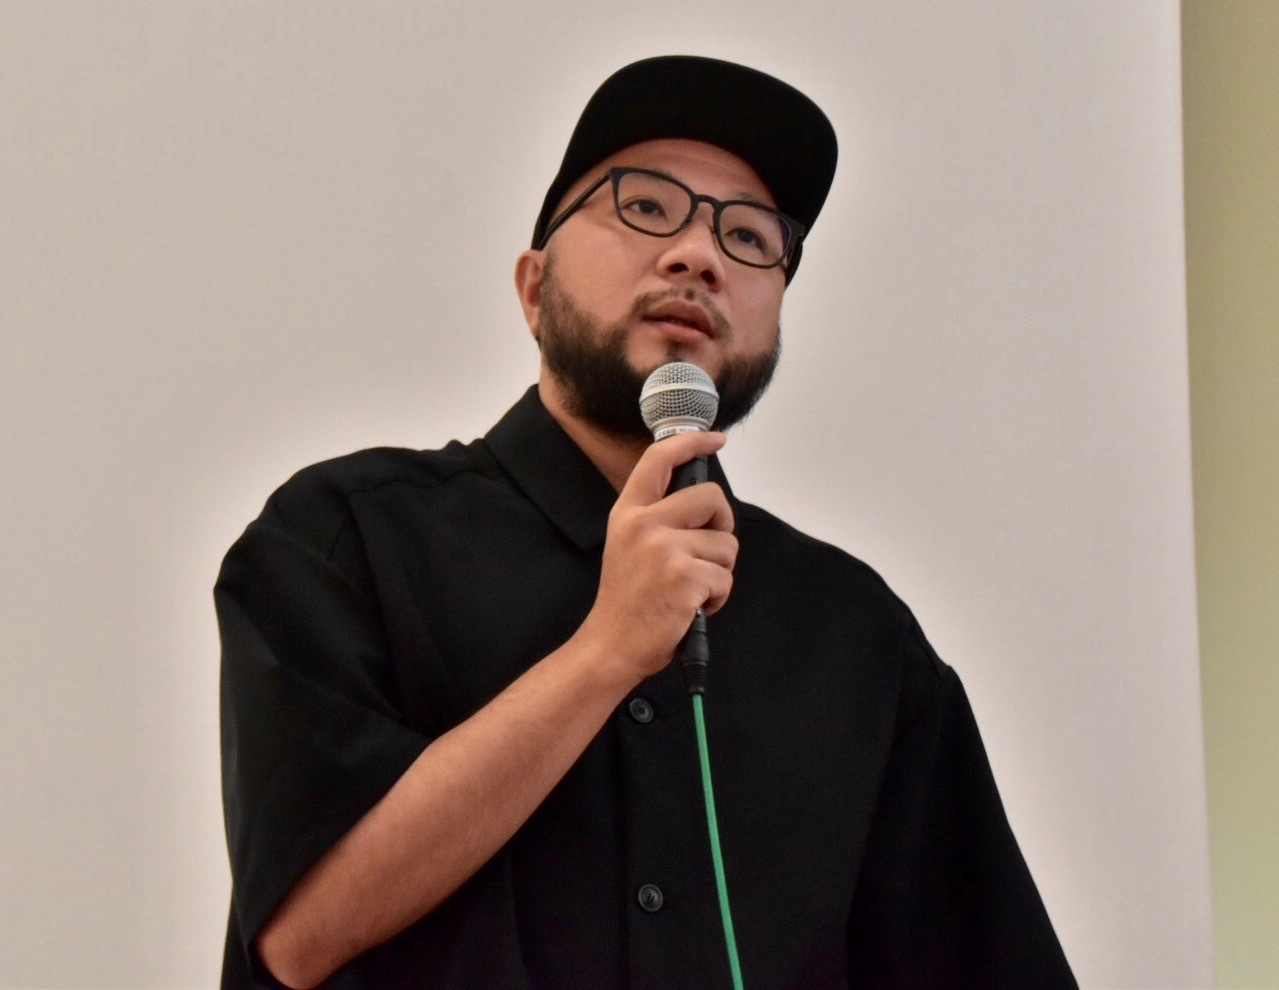 作品解説をするWOWの田崎佑樹氏